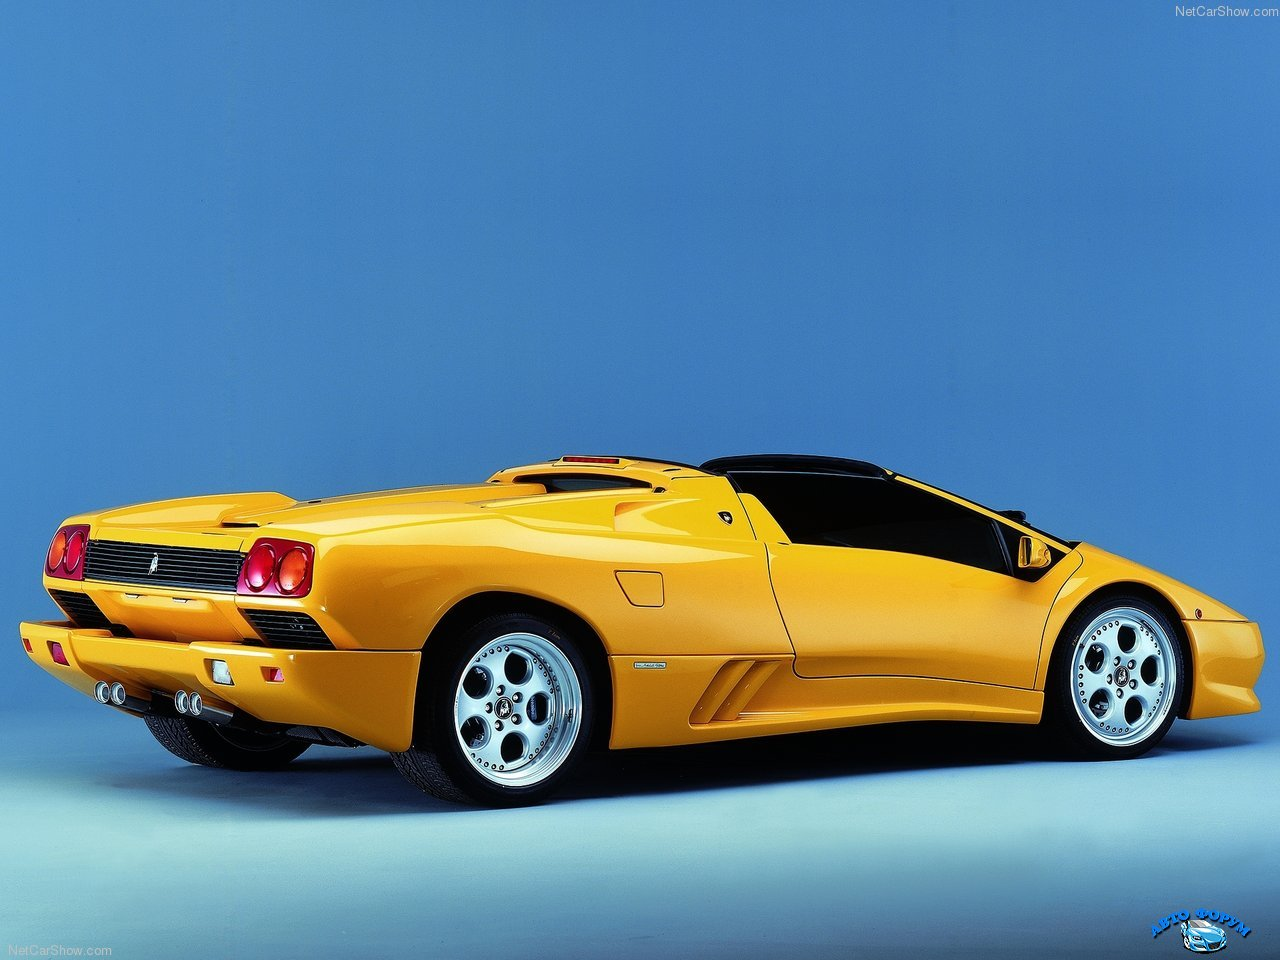 Lamborghini-Diablo_Roadster_1996_1280x960_wallpaper_04.jpg